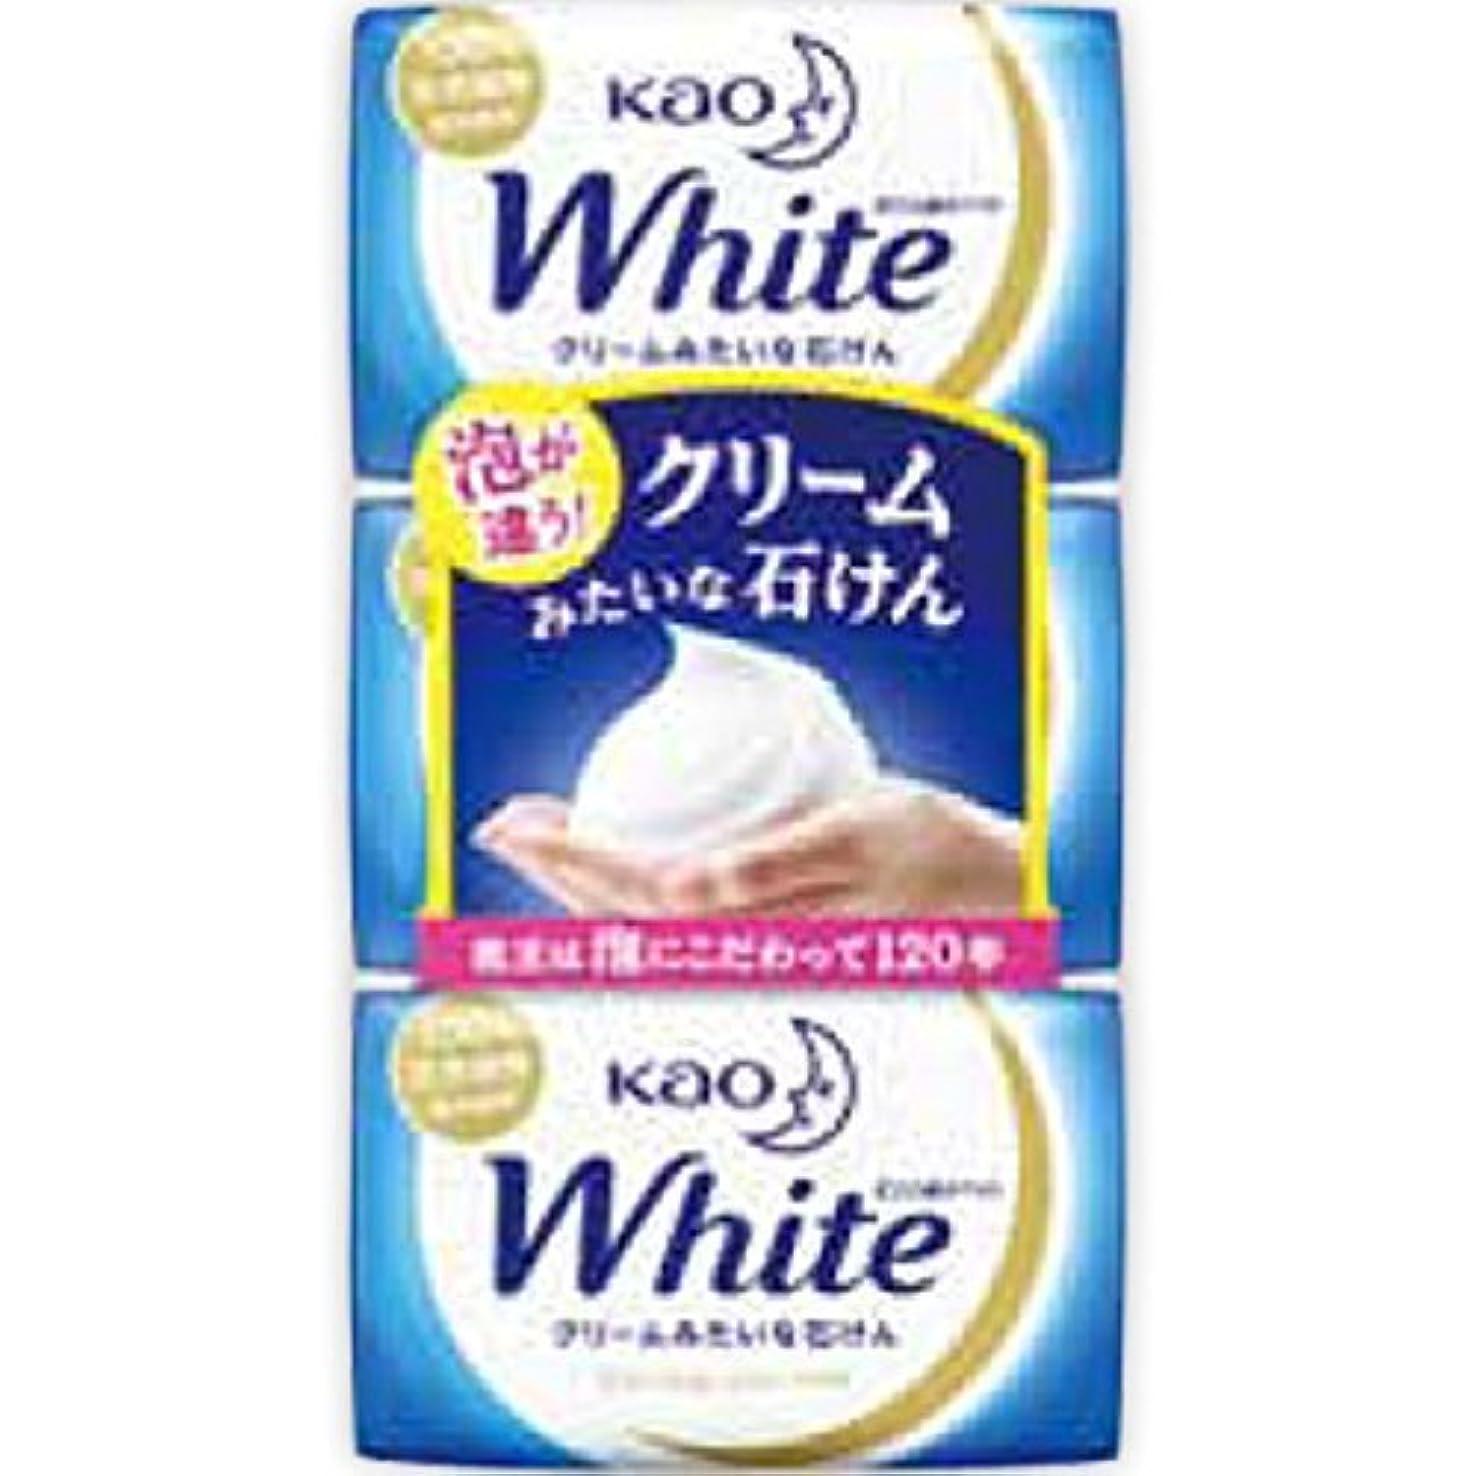 バウンスメイトマチュピチュ花王ホワイト レギュラーサイズ 85g*3個入